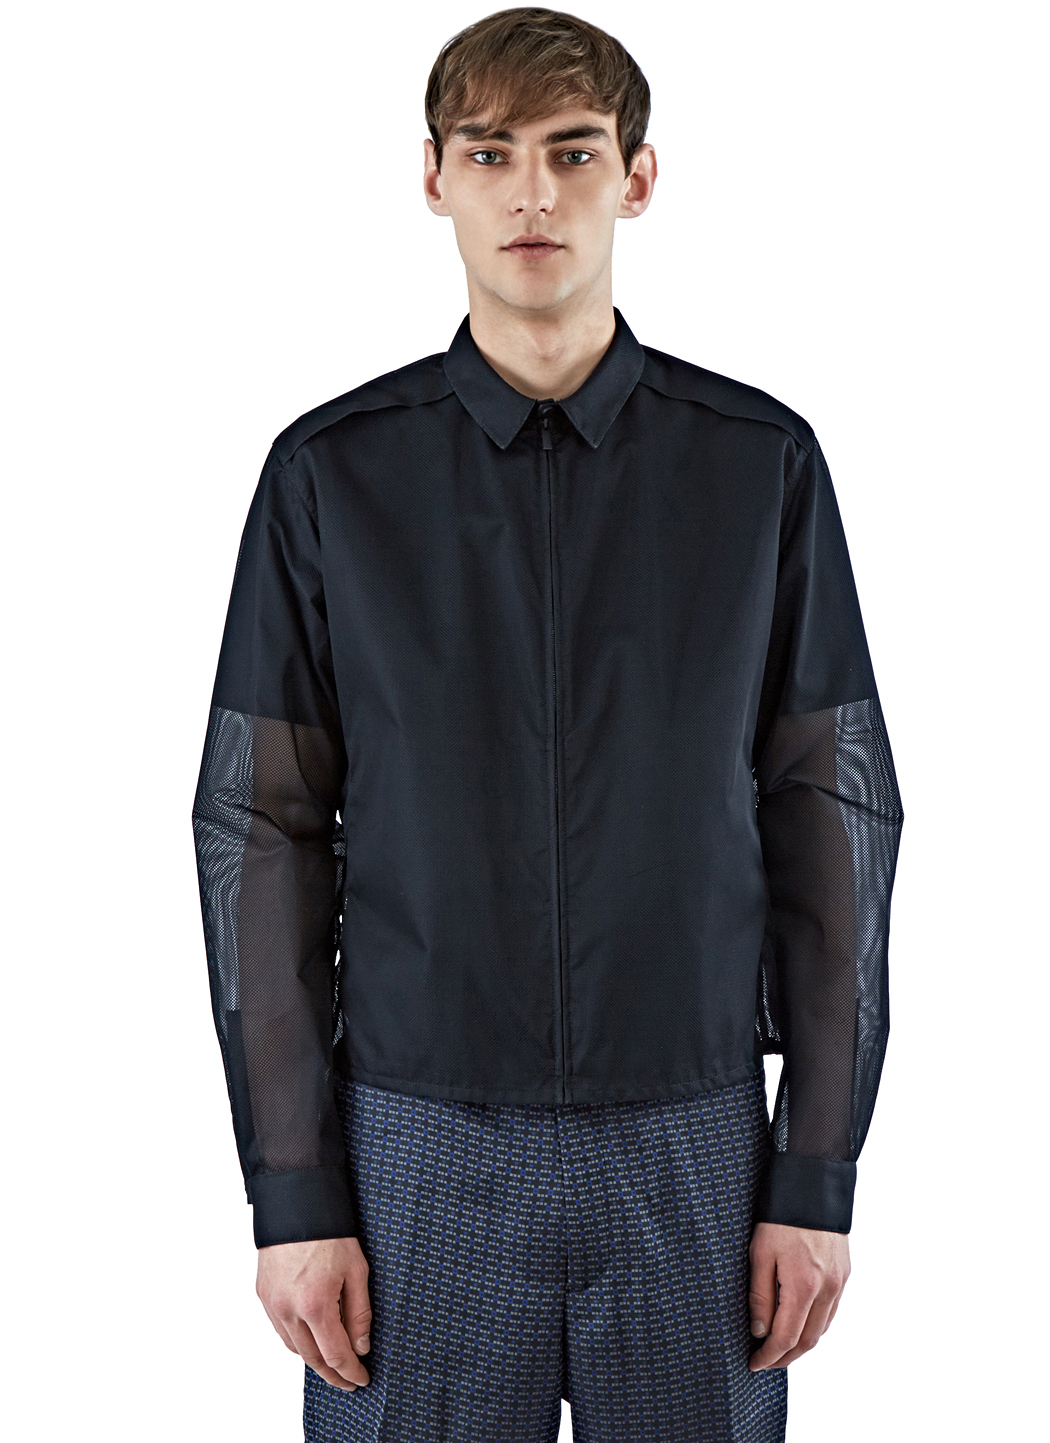 calvin klein men 39 s mesh coach jacket in black in black for men lyst. Black Bedroom Furniture Sets. Home Design Ideas